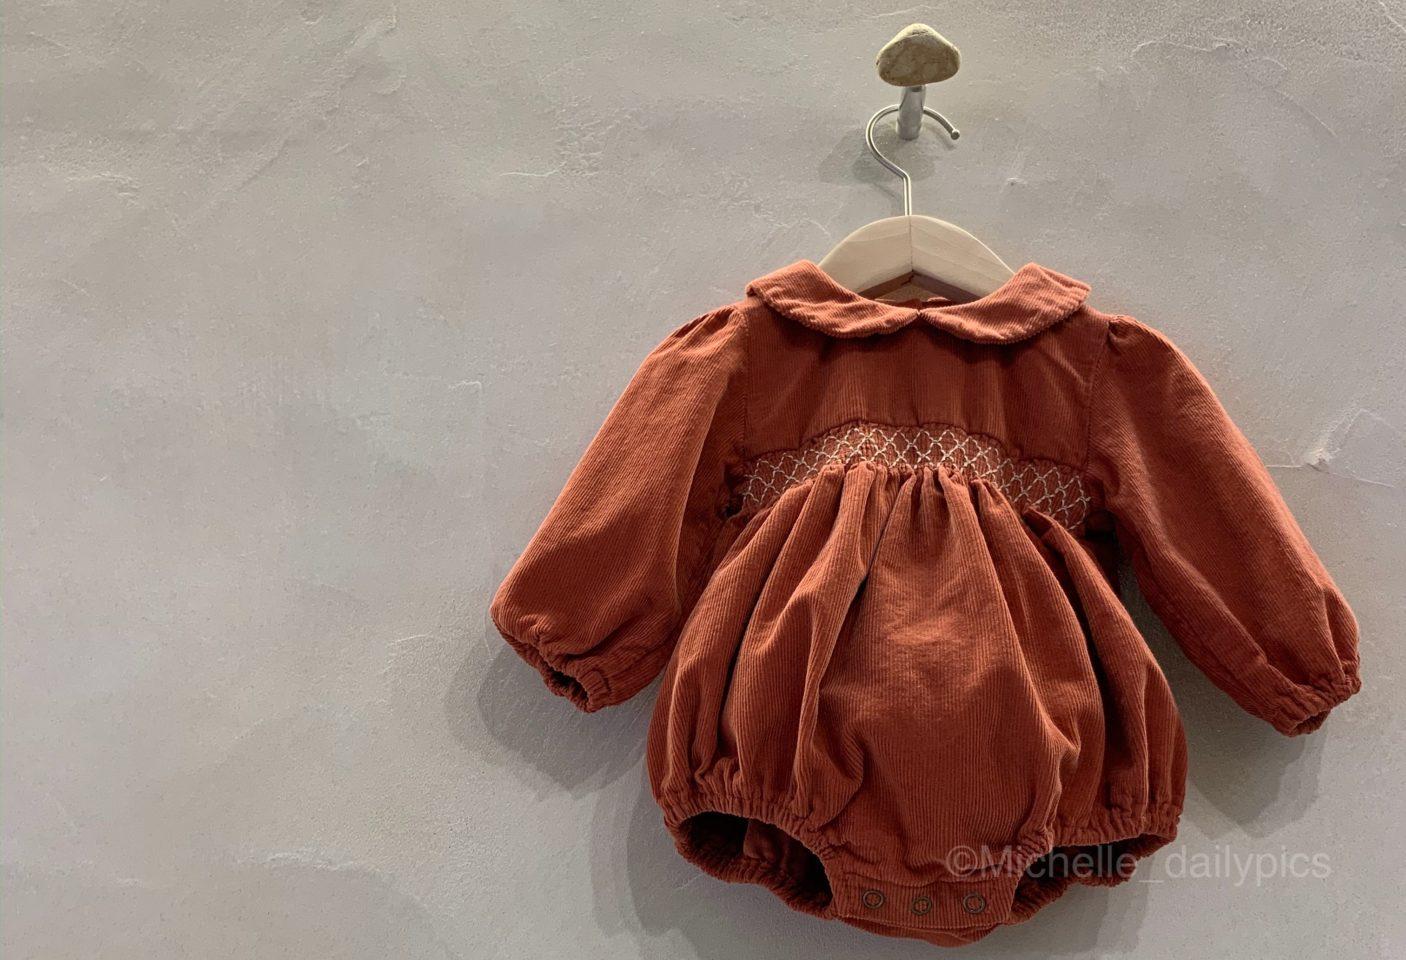 img 0081 1 - 韓国の子供服がかわいい!ソウルで行くべきおすすめショップ